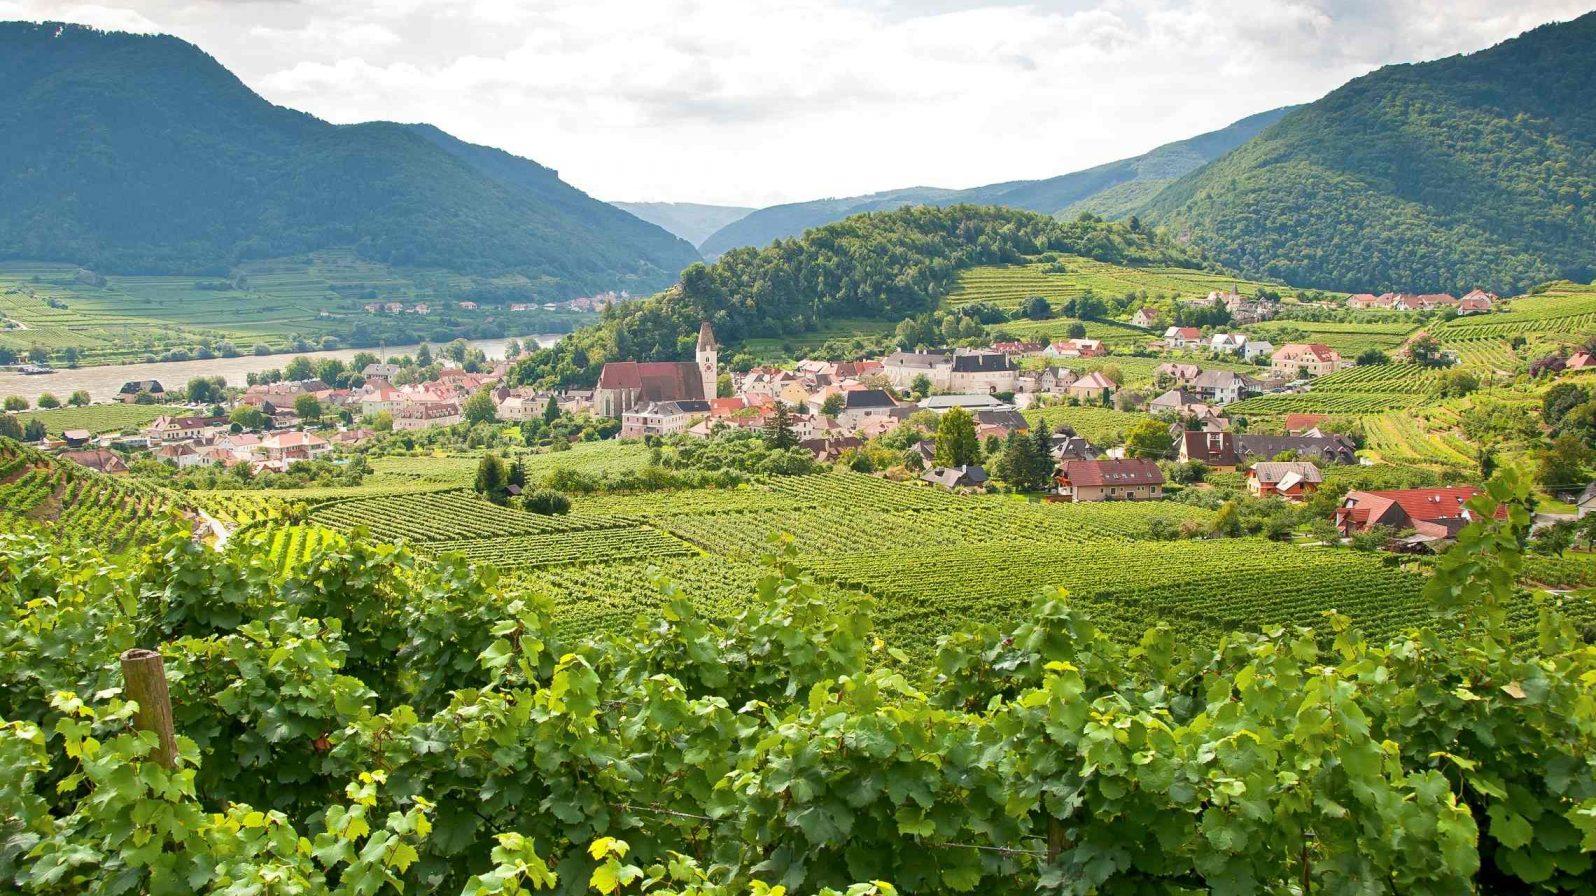 Wachaun viininviljelysmaisema Itävalta Tonava